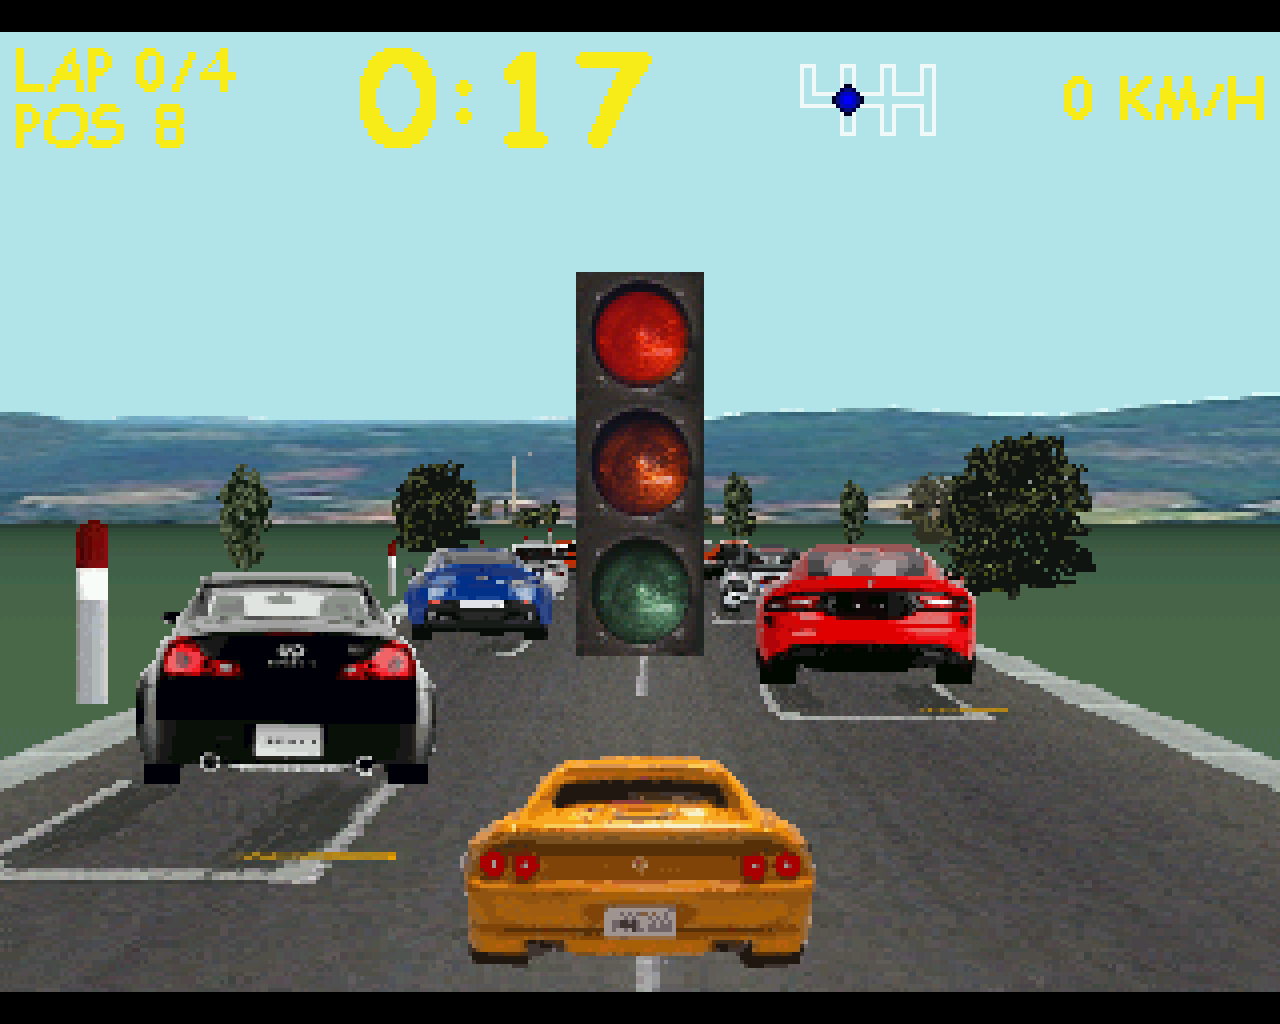 Racer auf dem Atari Falcon 030 (Titelbild)